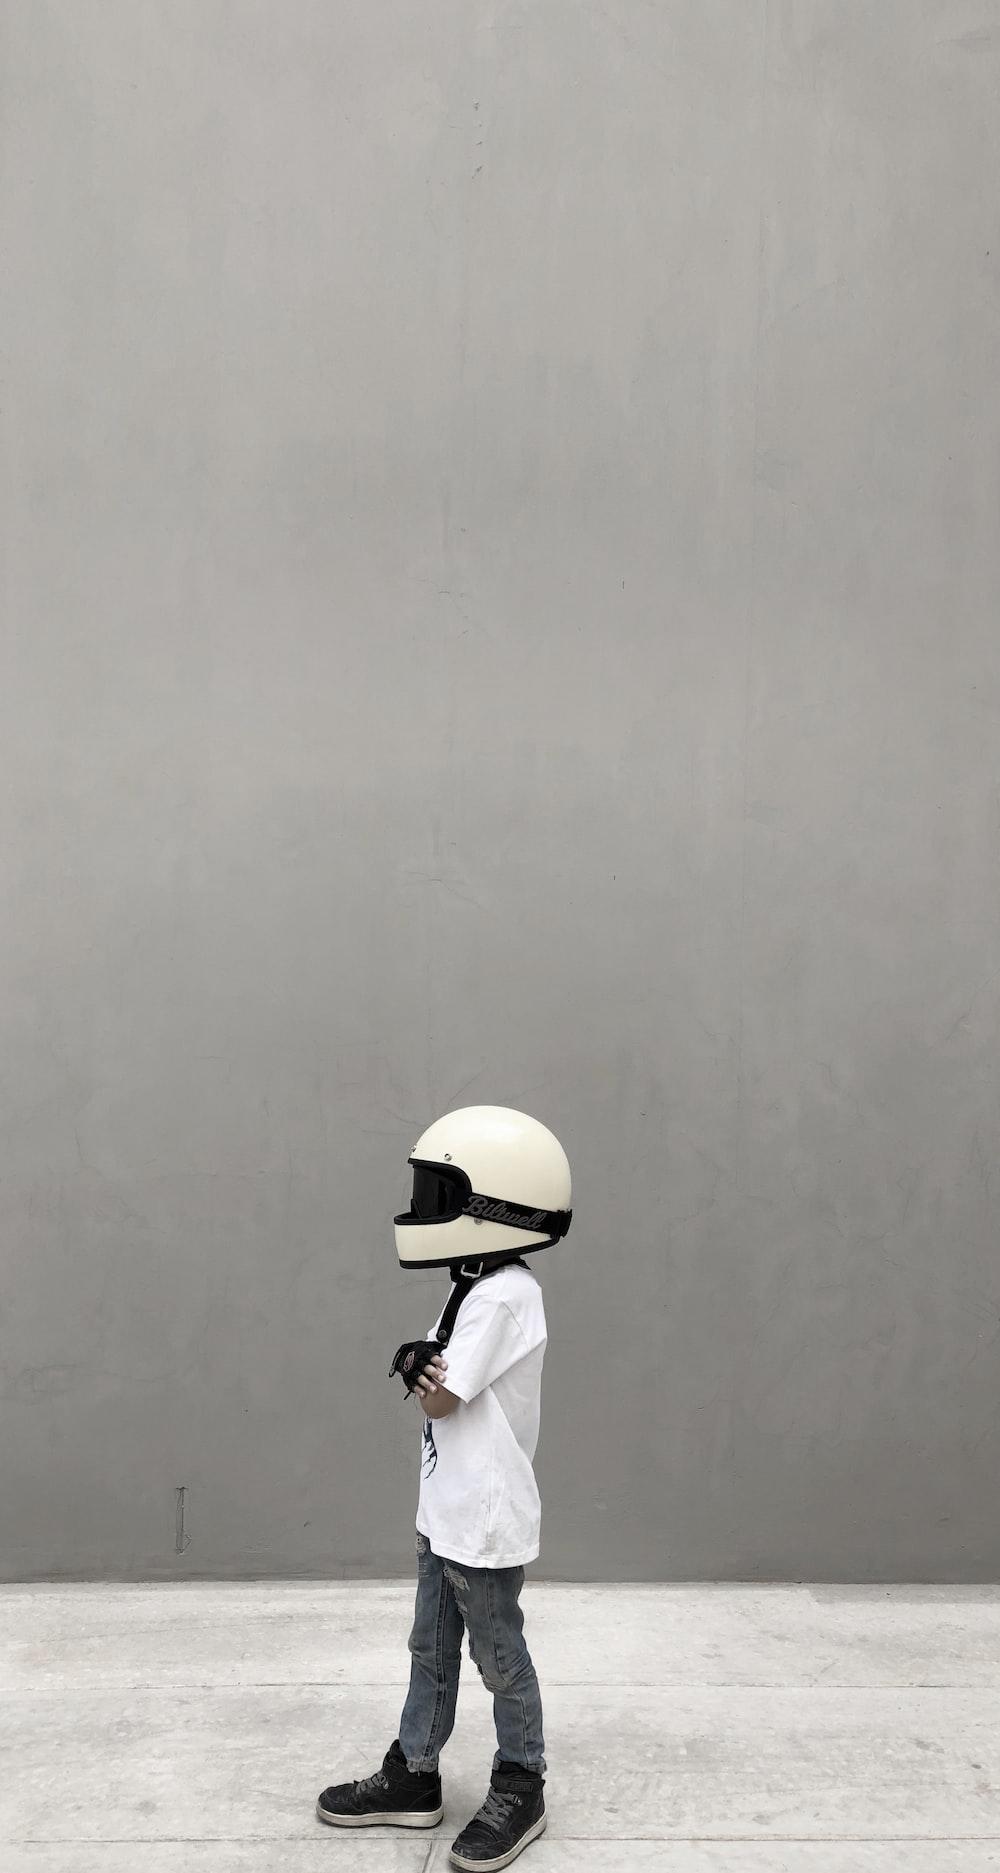 boy wearing full-face helmet